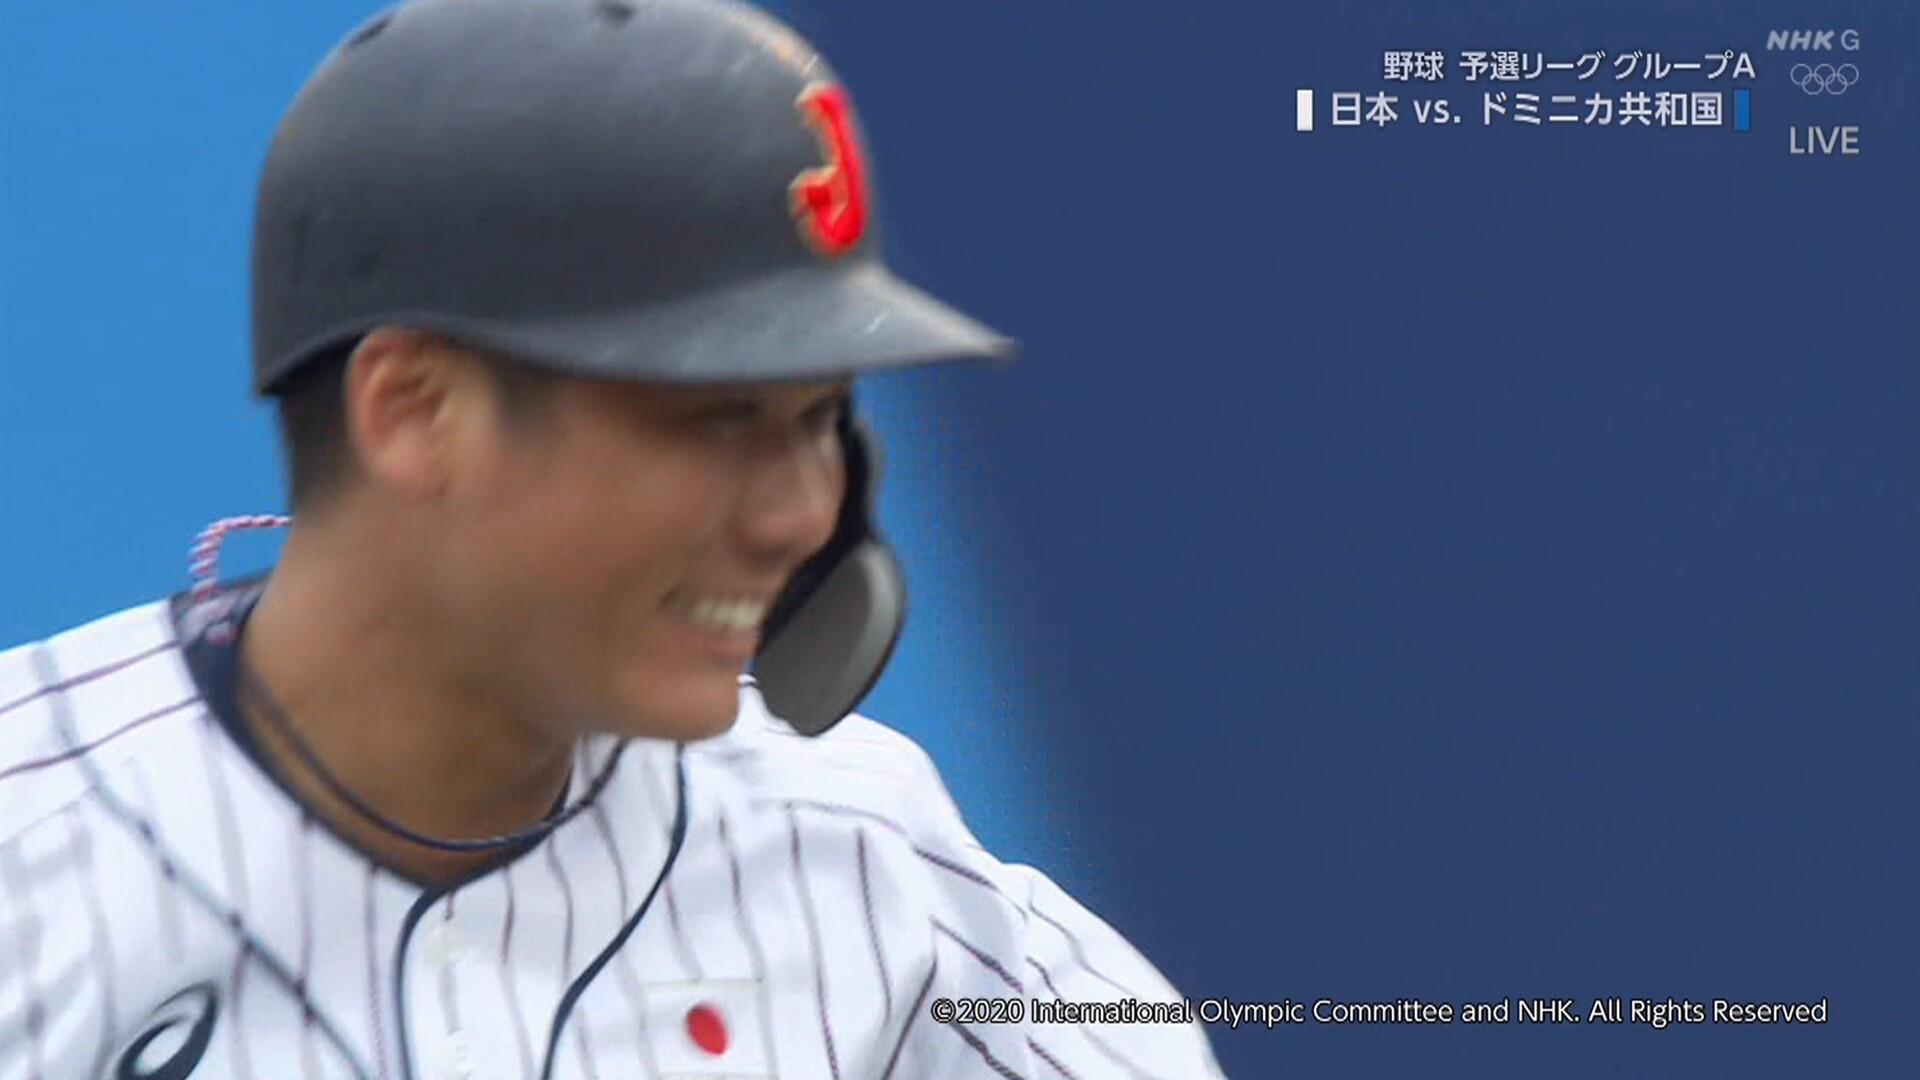 侍ジャパン、逆転サヨナラ勝ちでドミニカ戦勝利! 坂本がおいしいところを持っていくwwww